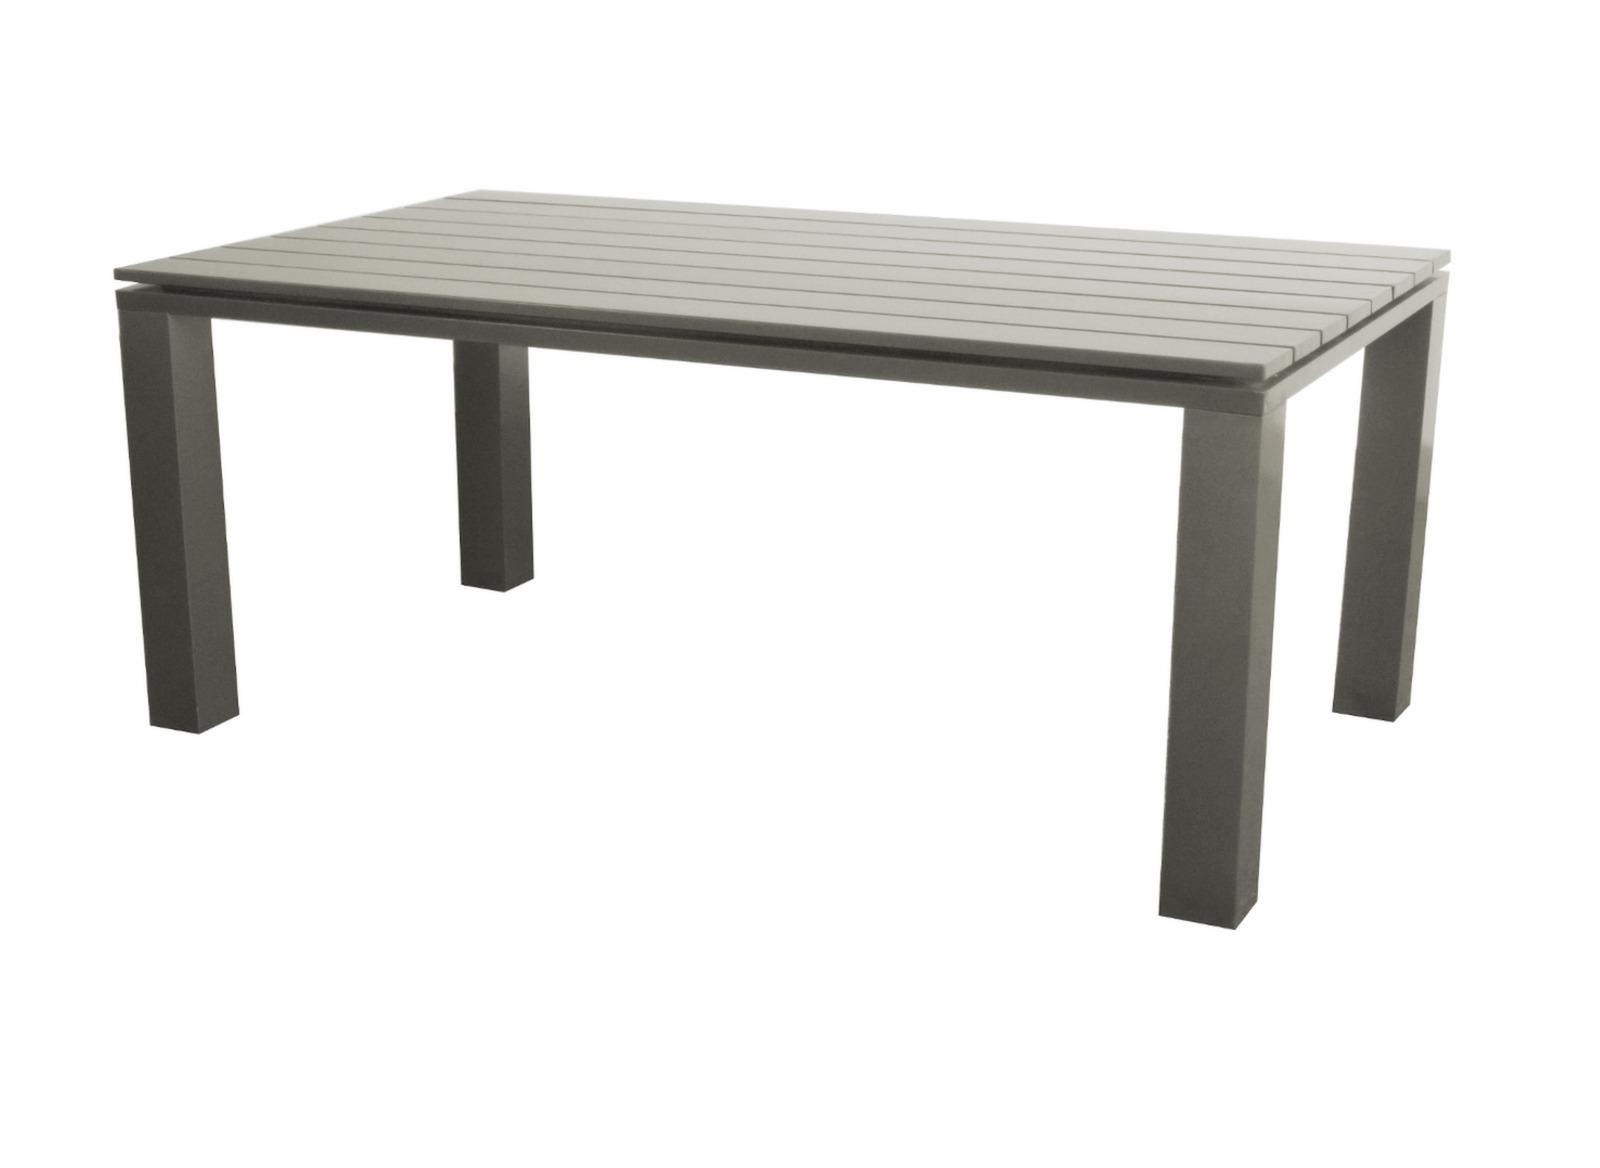 table el na 180 x 100 cm mobilier de jardin pour le repas promotions bons plans. Black Bedroom Furniture Sets. Home Design Ideas